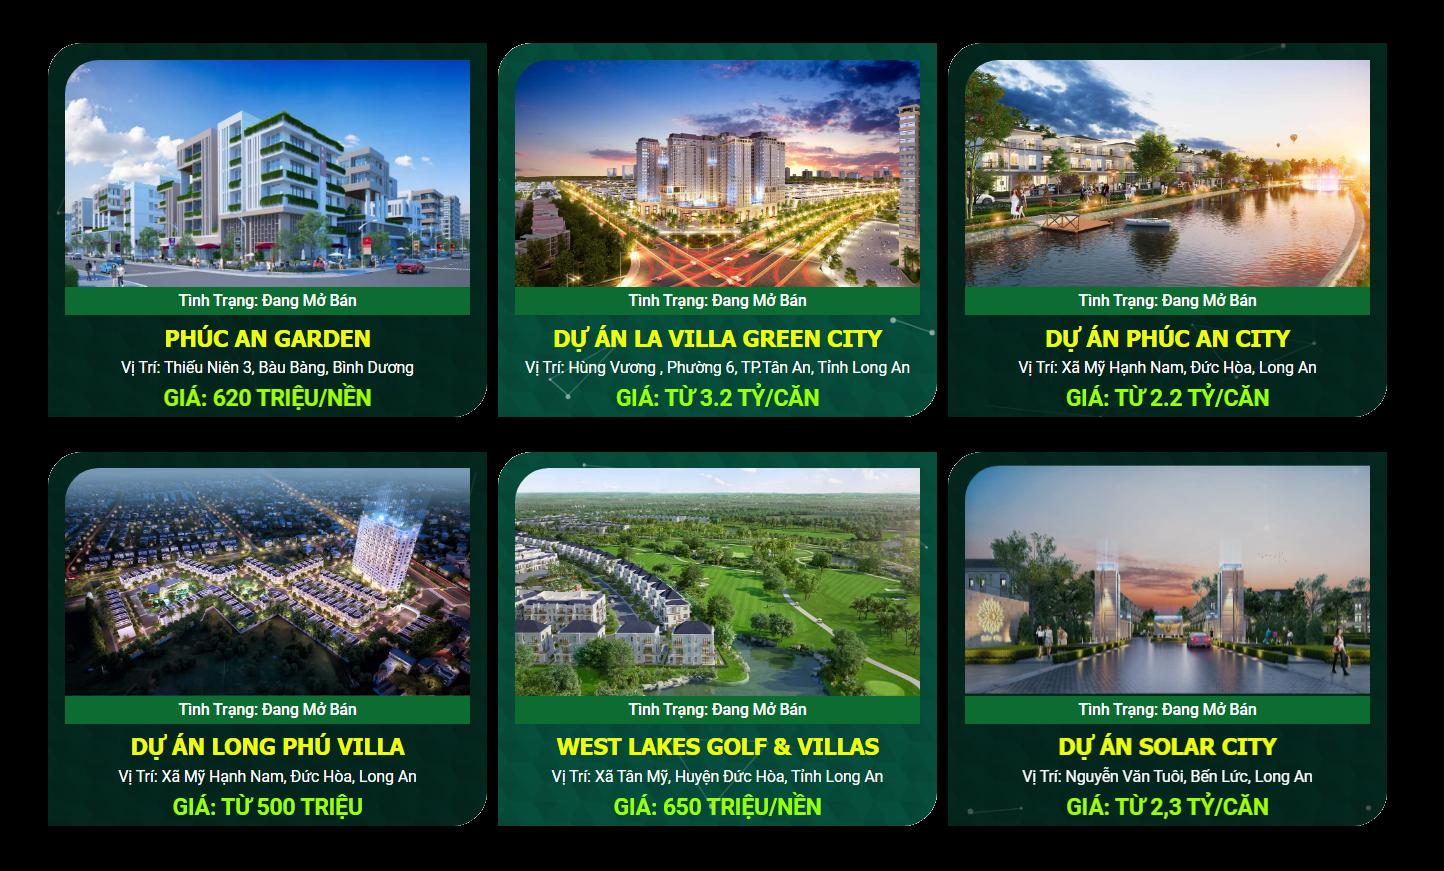 Các dự án của Trần Anh Group